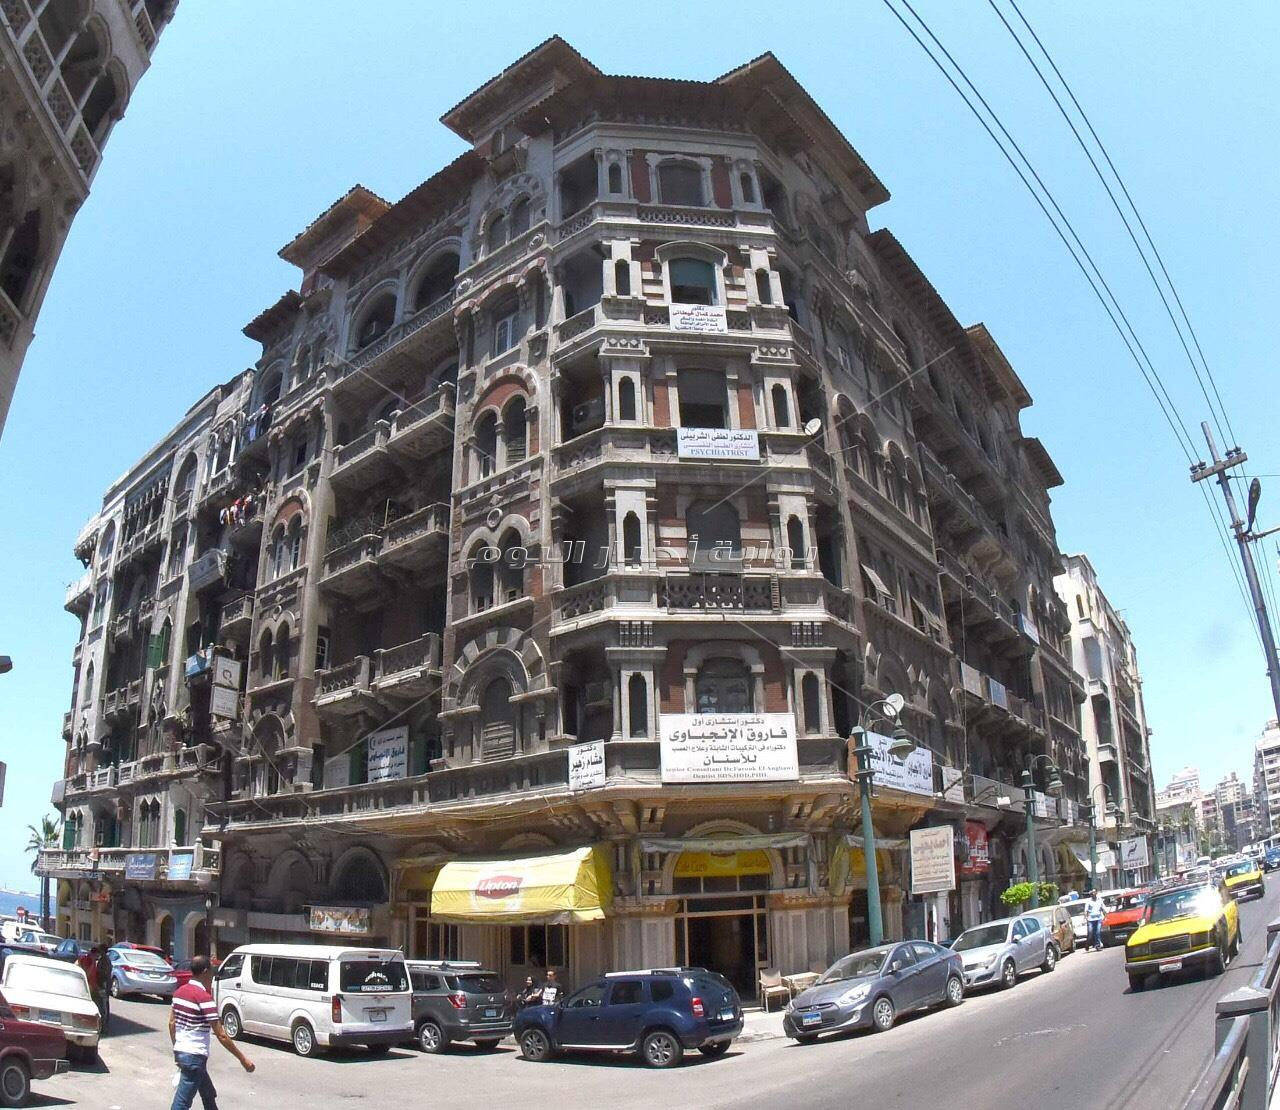 """على غرار القاهرة الخديوية""""وسط البلد"""" كنز تاريخي ينتظر التطوير في الإسكندرية"""